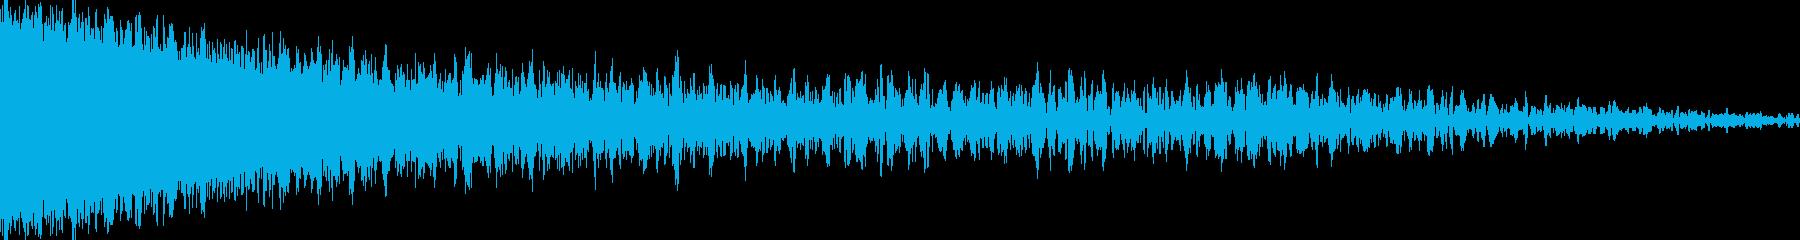 シューン(ワープ音、ビーム発射音)の再生済みの波形